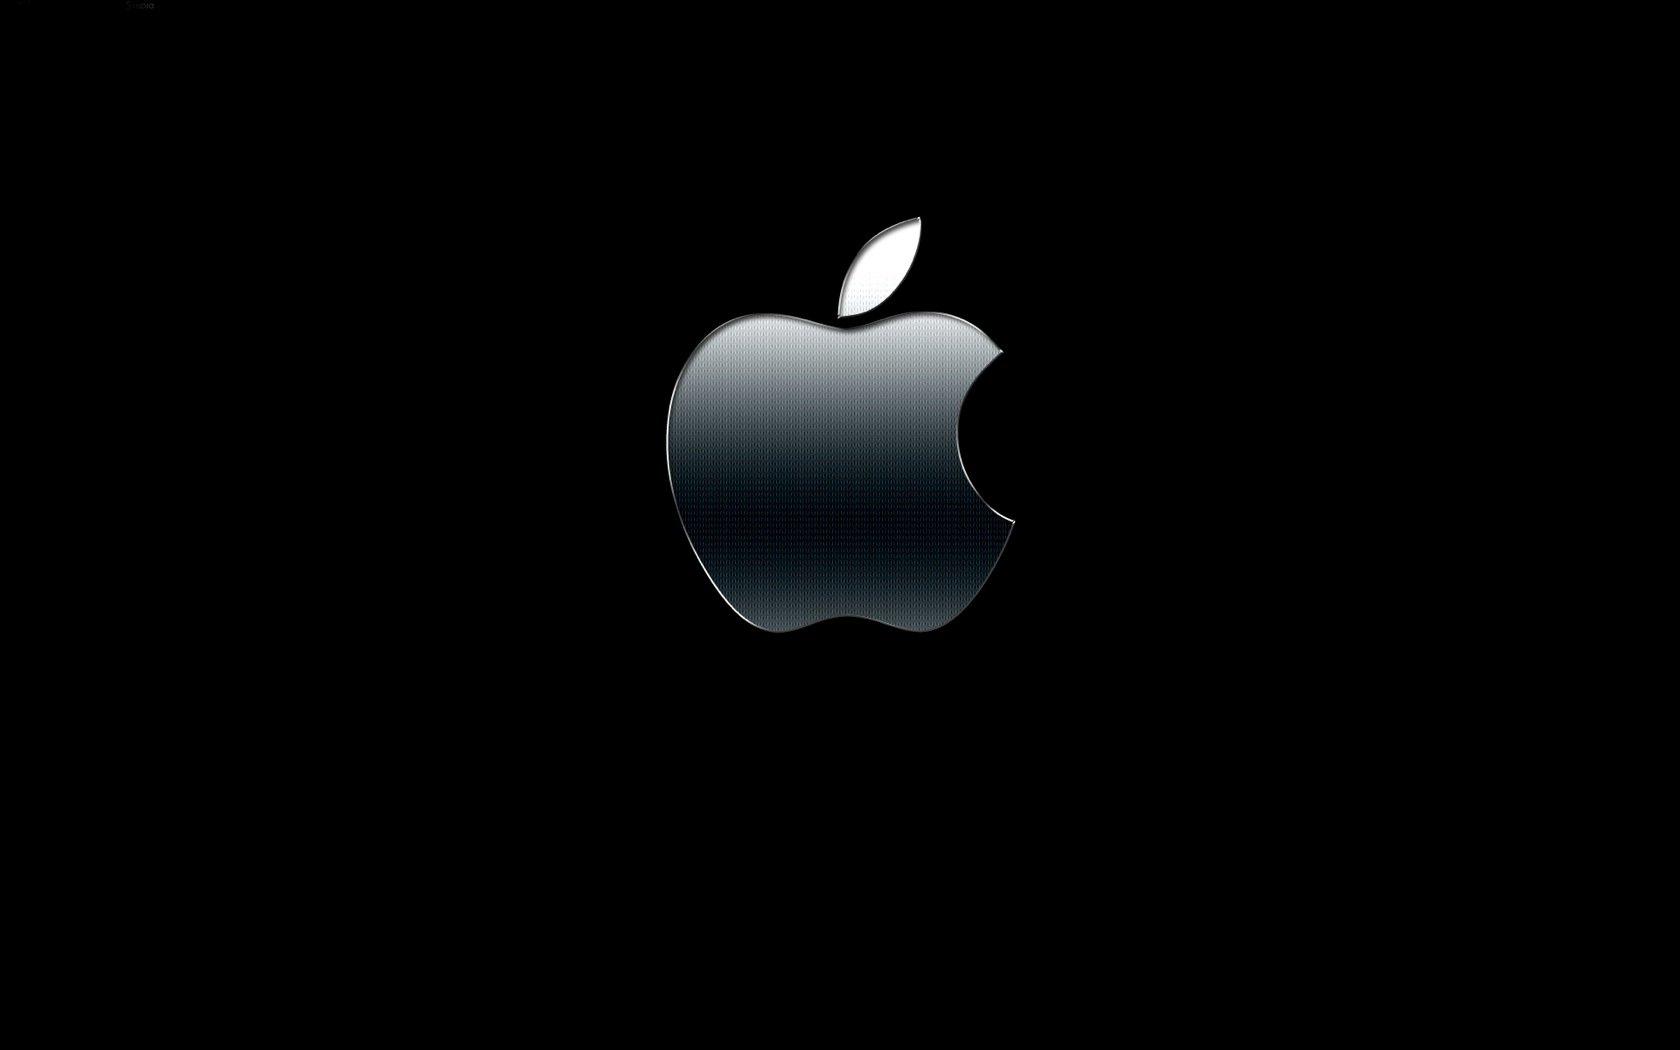 hình ảnh logo Apple là thương hiệu sản phẩm iPhone hay MacBook số 2